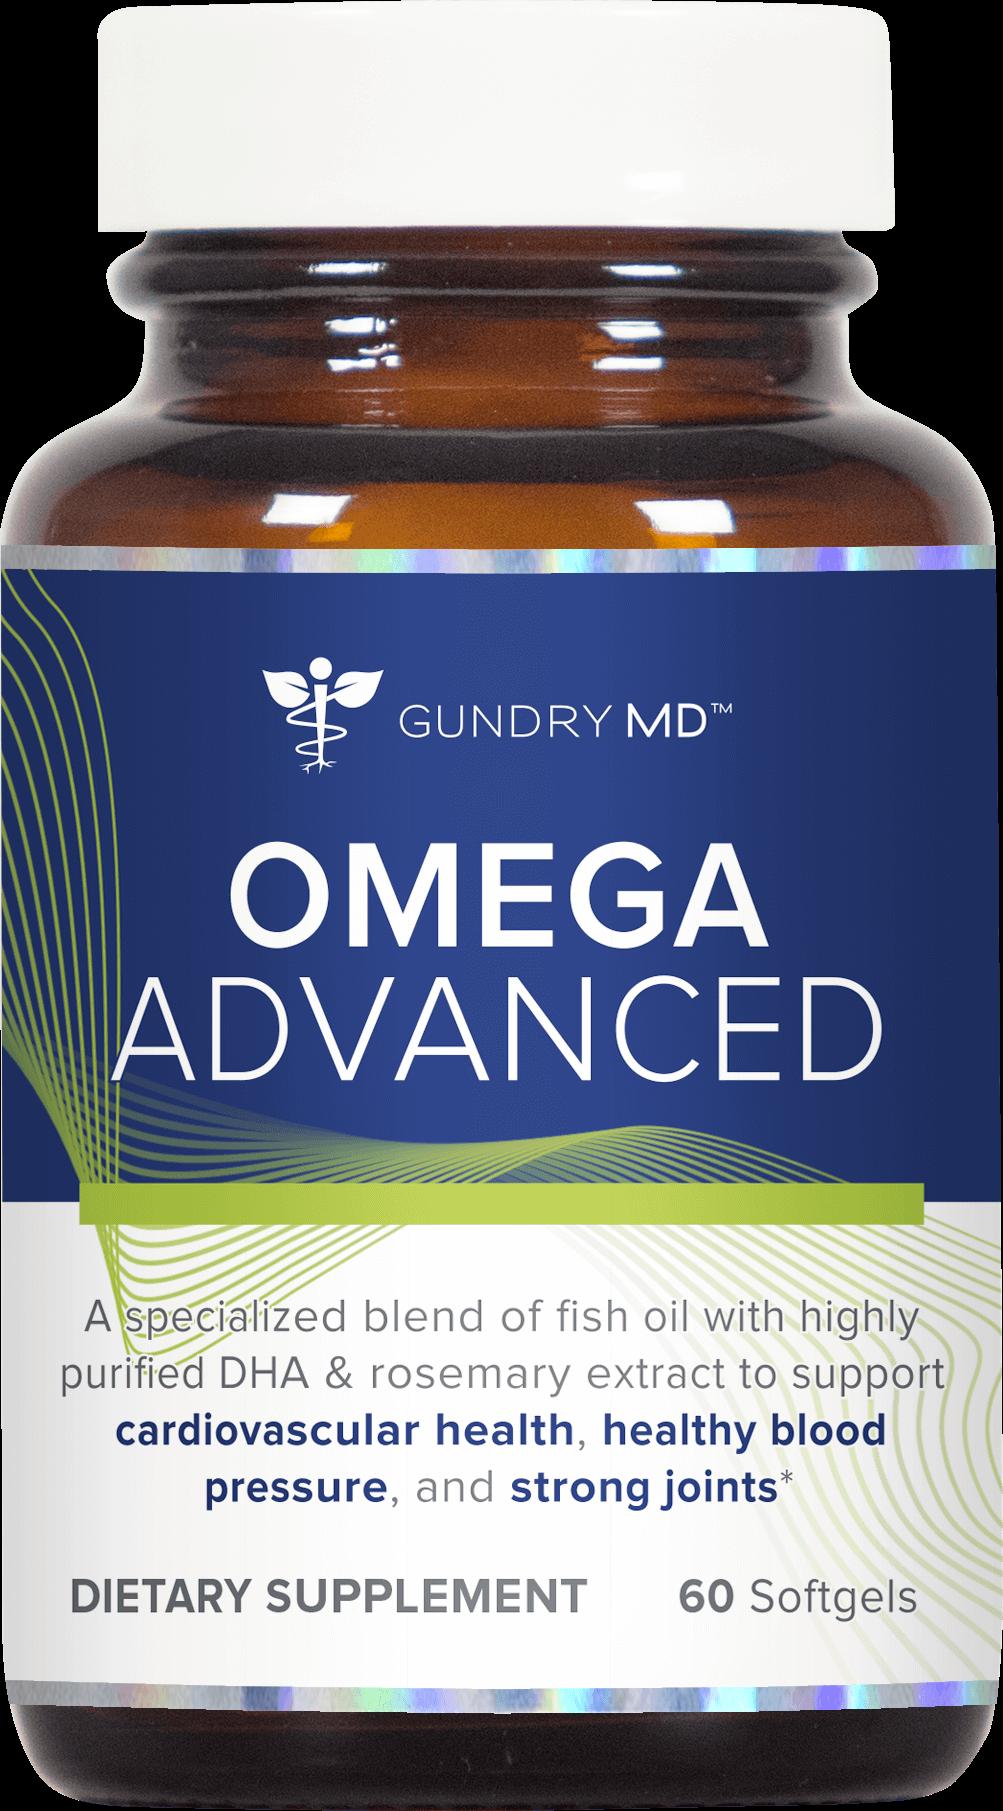 Omega Advanced